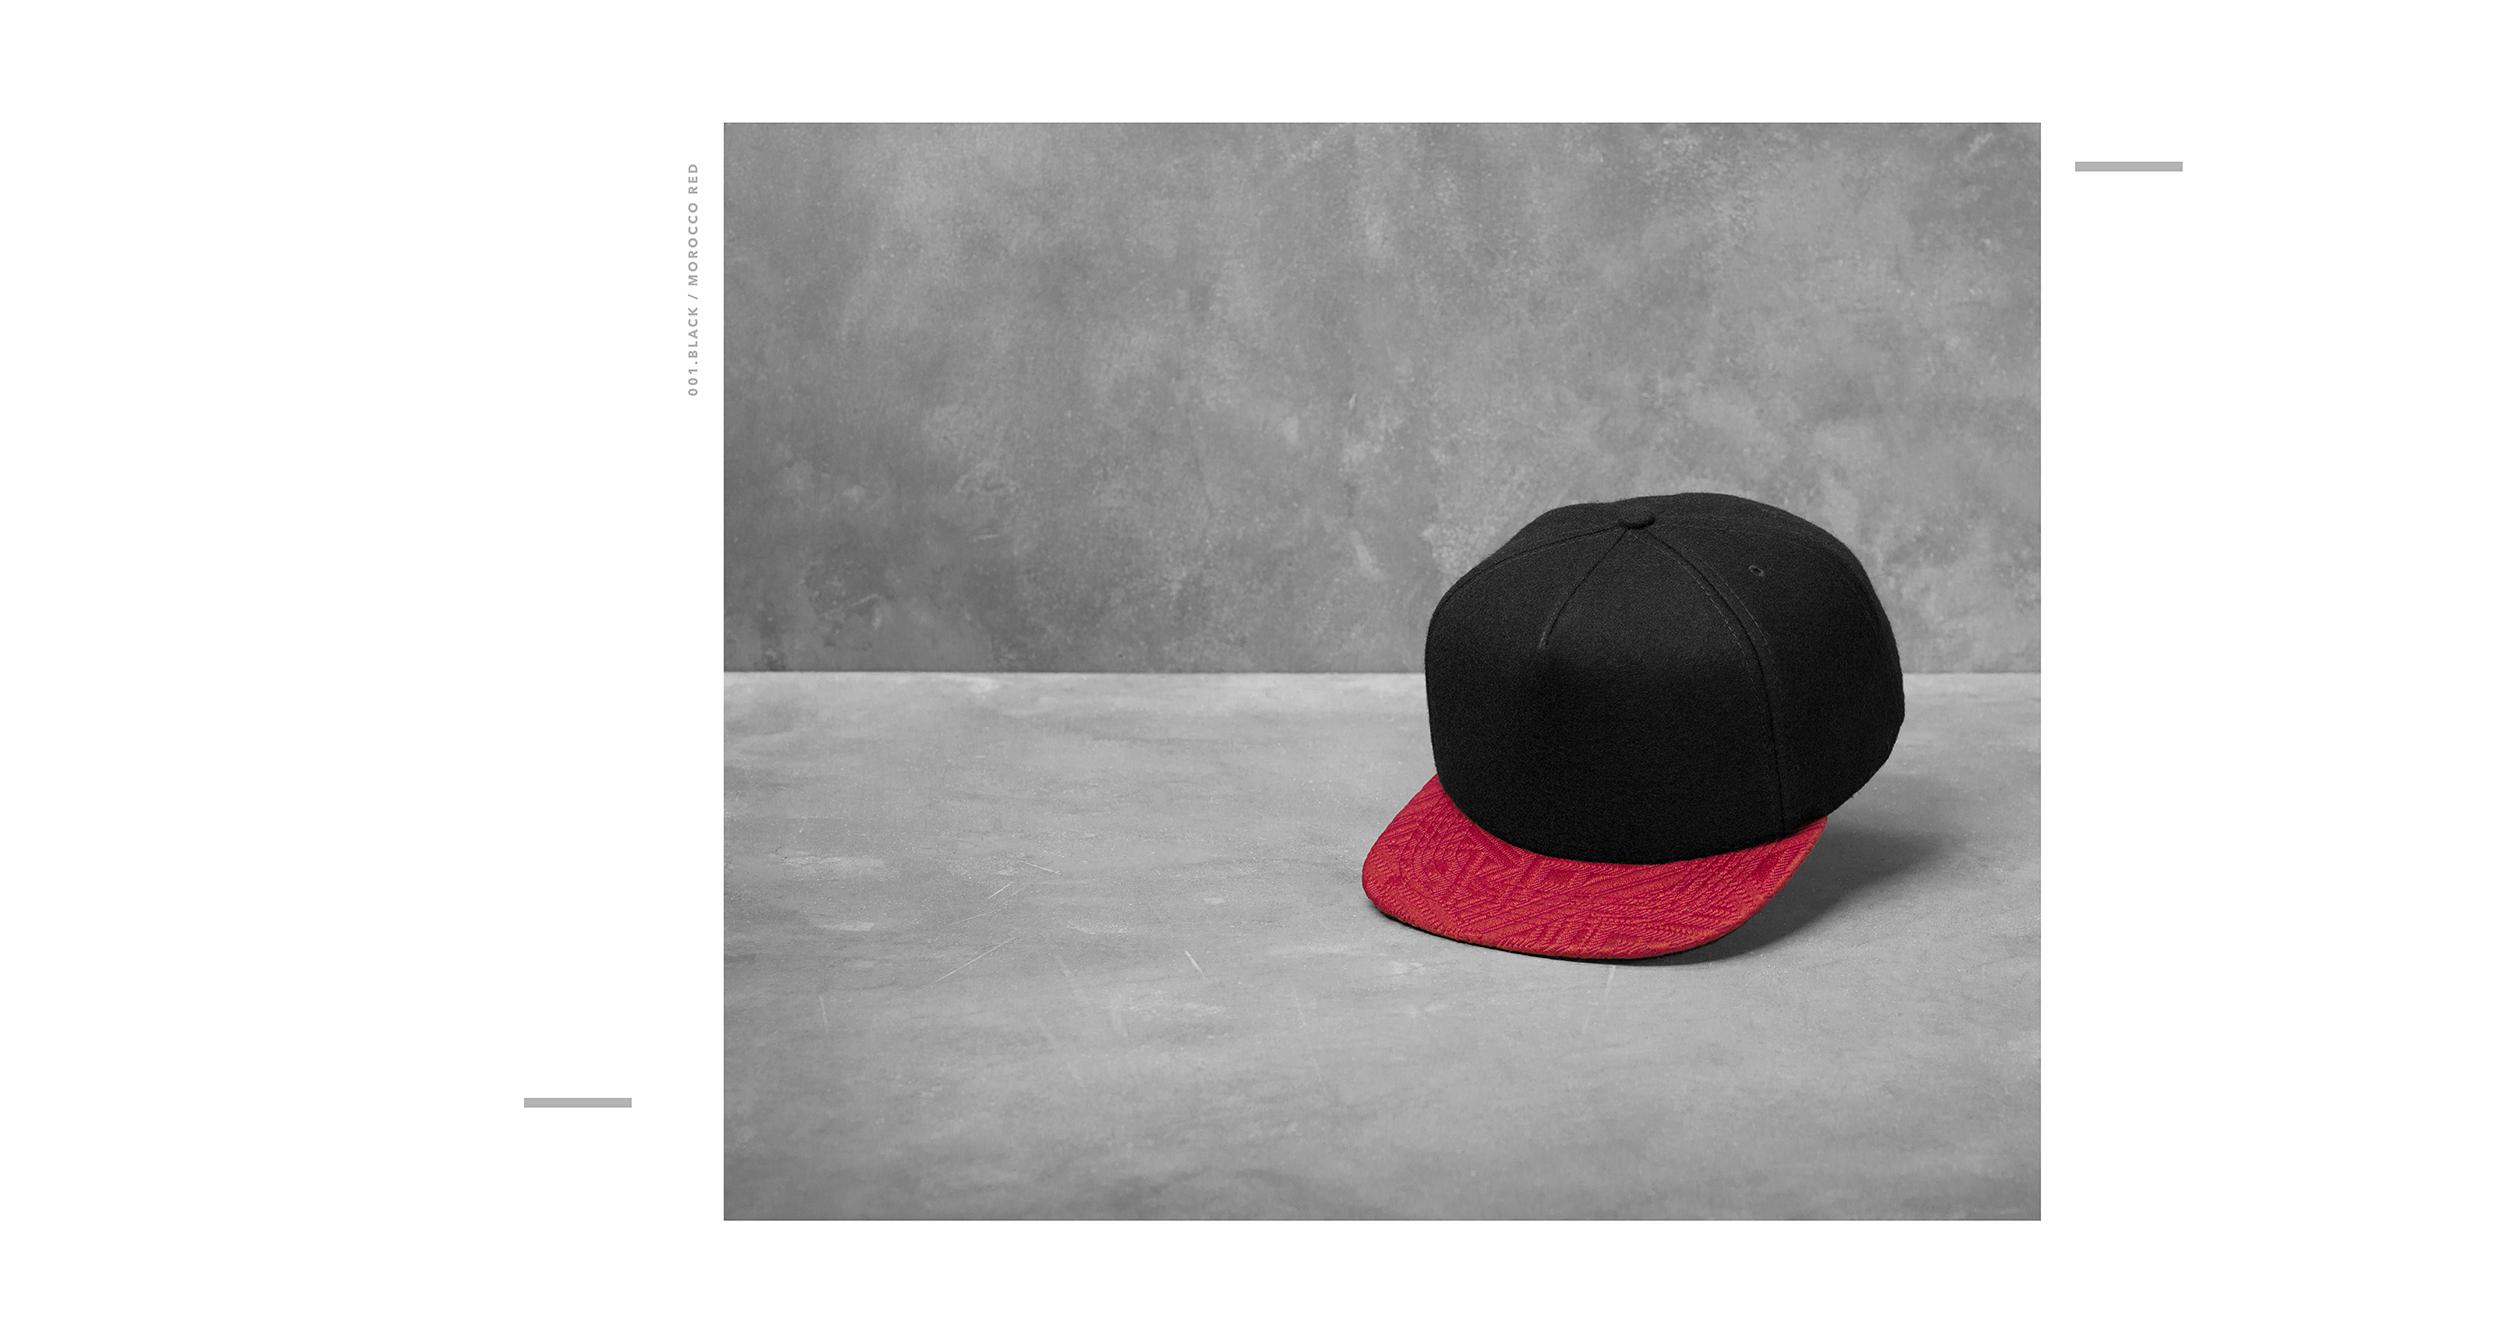 001.lookbook.black.morocco_red.jpg